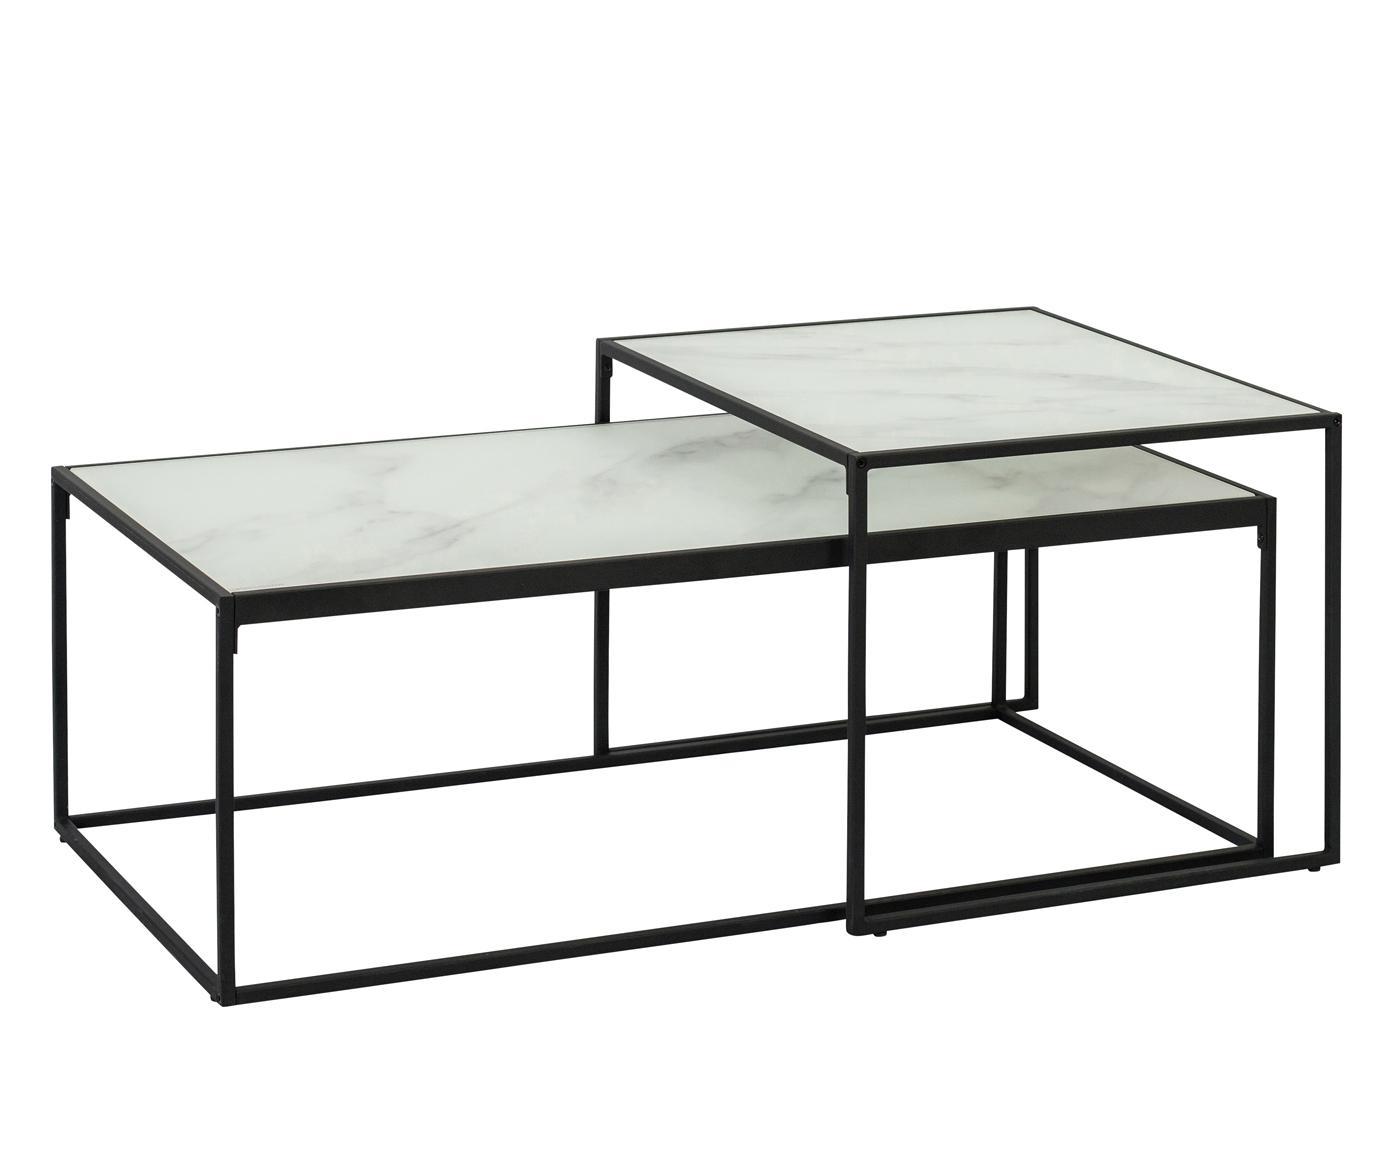 Komplet stolików kawowych Bolton ze szklanym blatem, 2 elem., Stelaż: metal malowany proszkowo, Biały, Różne rozmiary